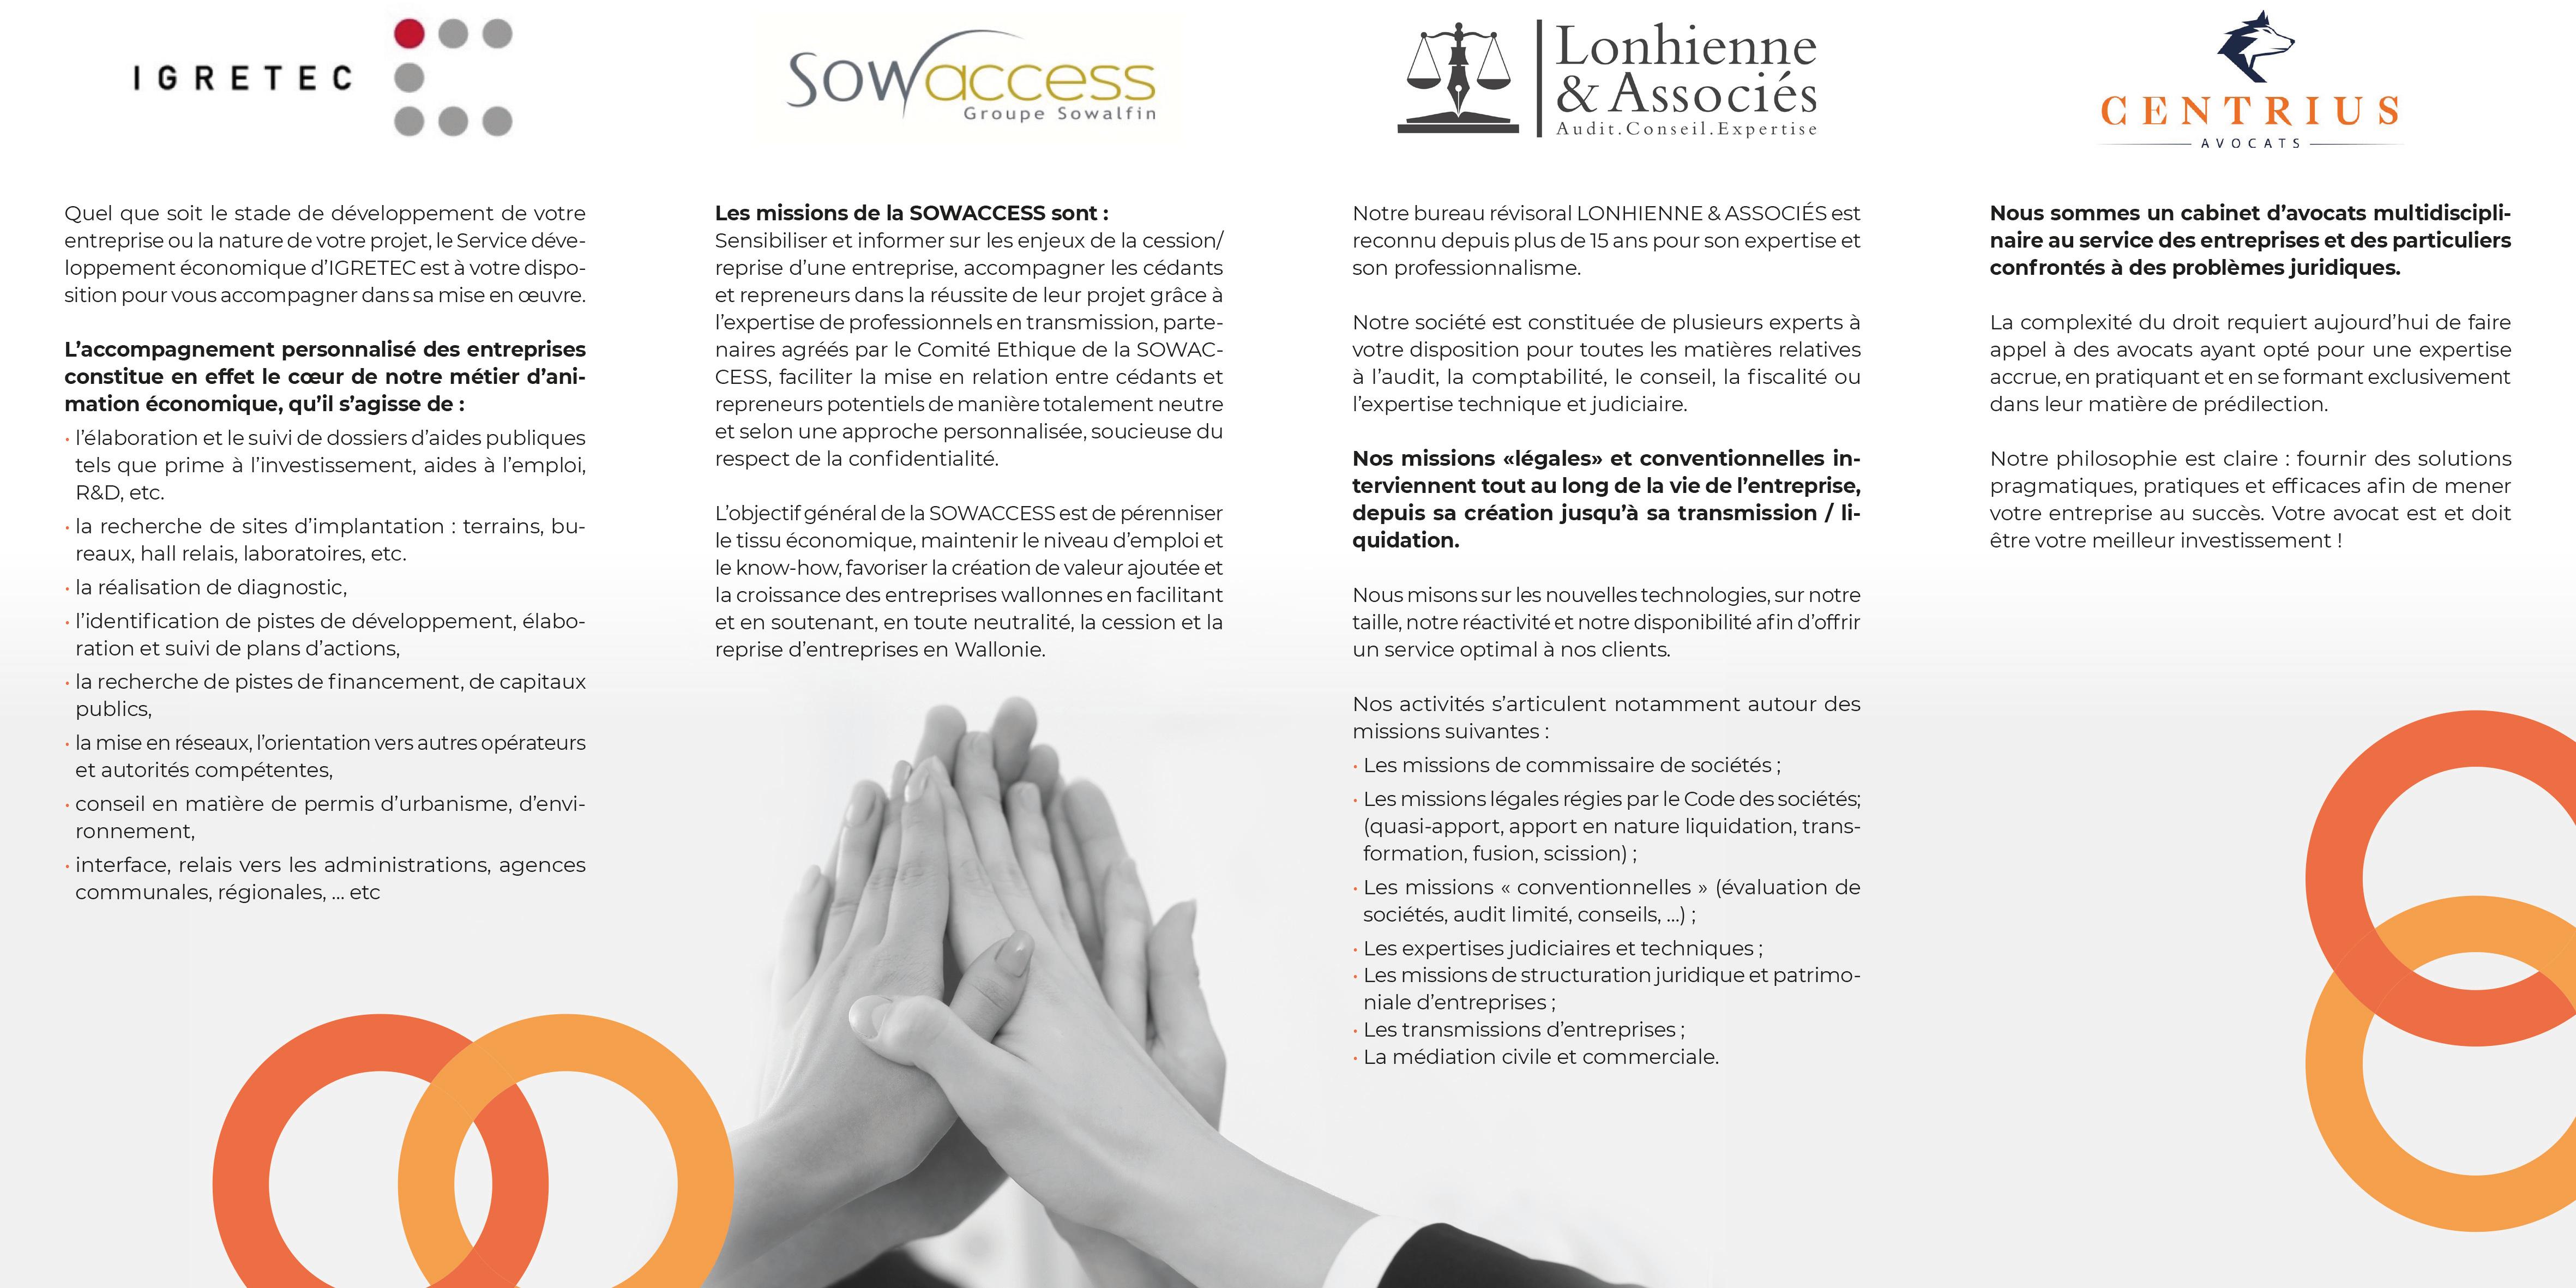 Igretec, Sowaccess, Lonhienne Associés, centrius, Happinext : Transmission eentreprise | cession entreprise | acquisition entreprise